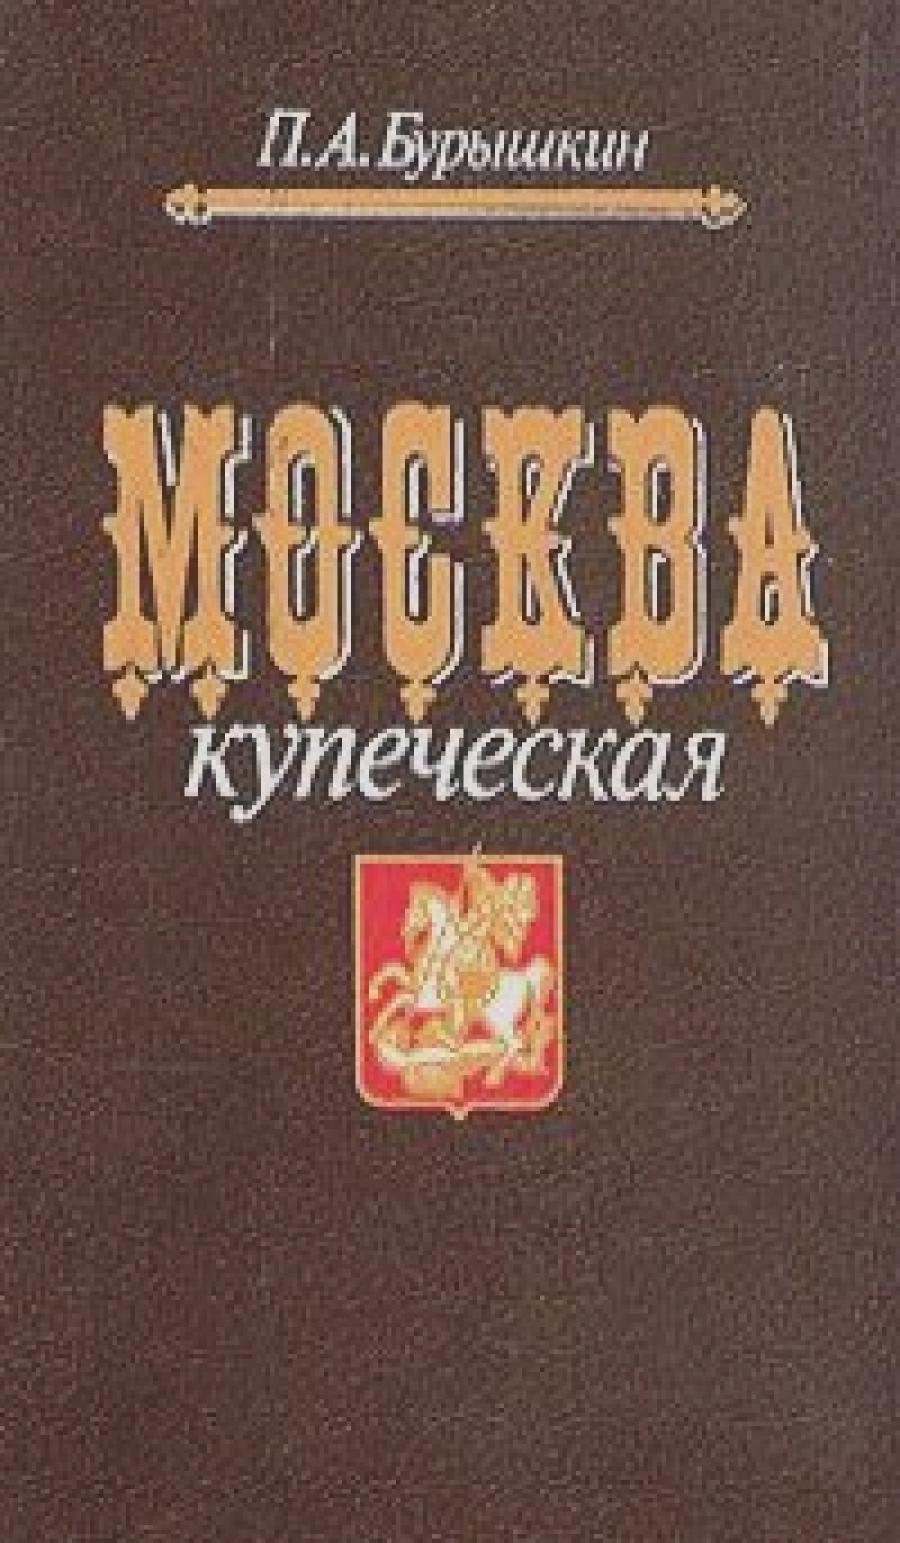 Обложка книги:  бурышкин п. а. - москва купеческая